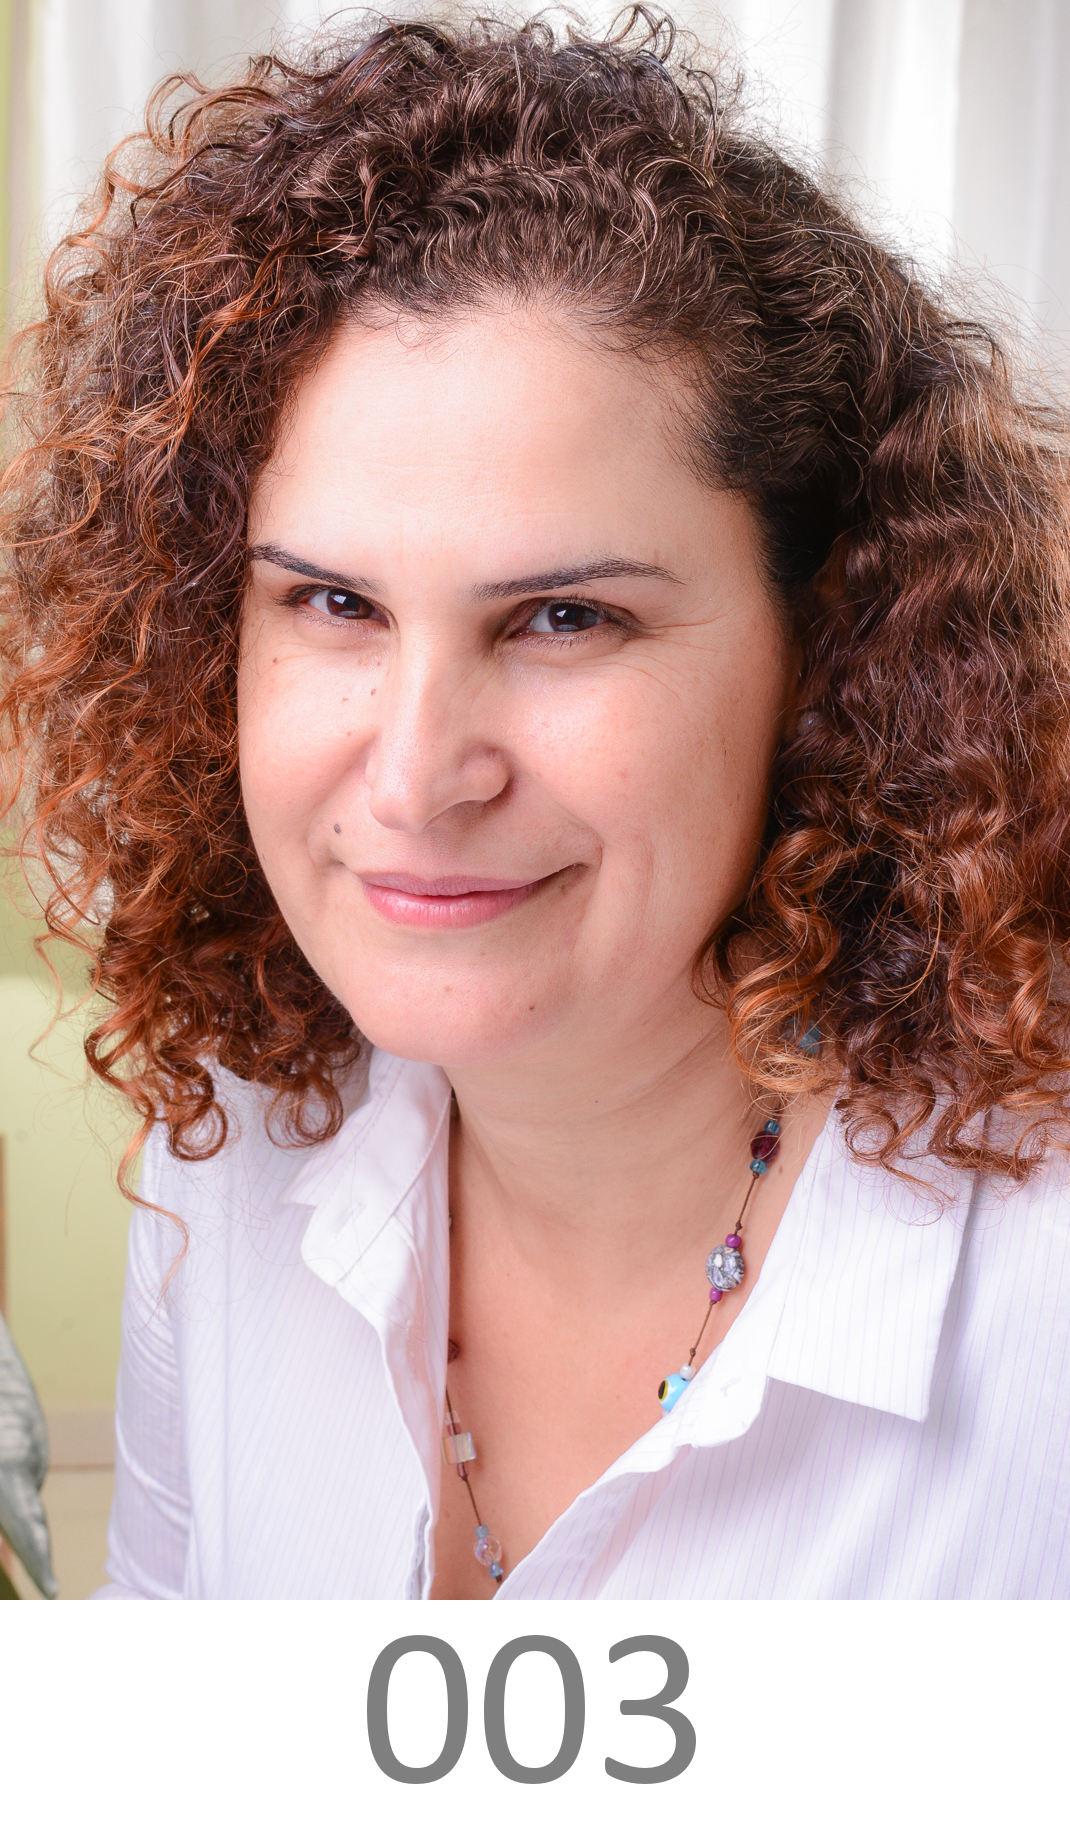 DanaWeisborg Portrait ItaiAviran 003.jpg